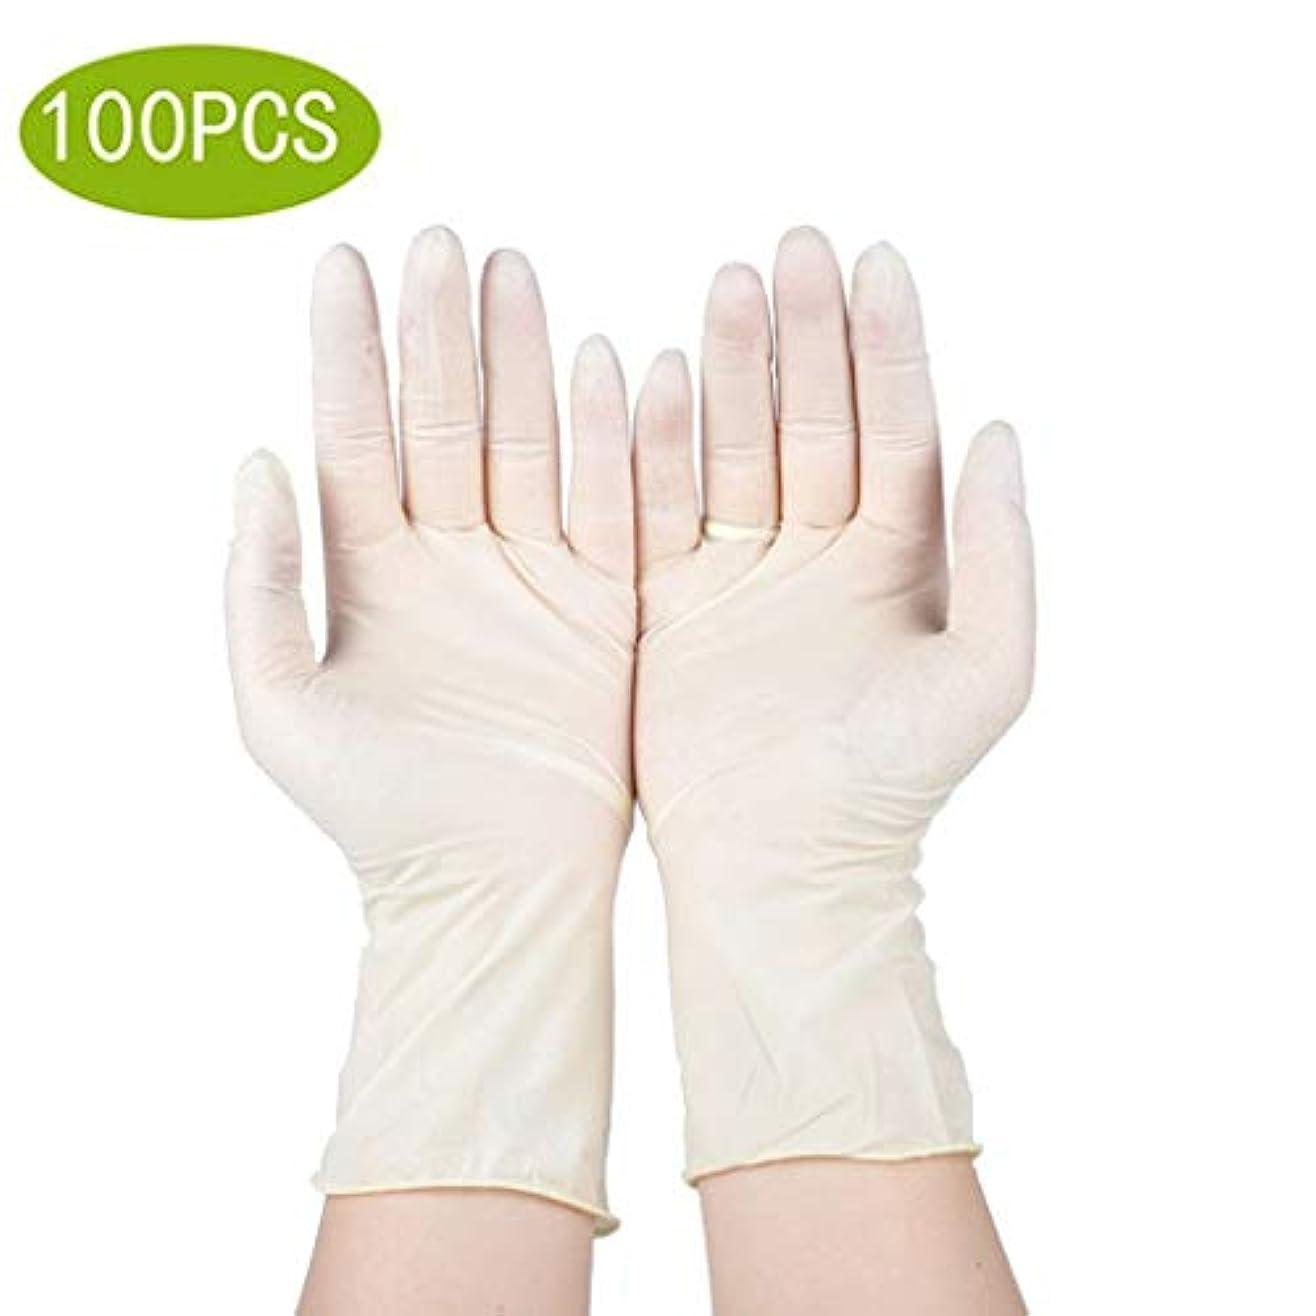 傀儡永遠に見つけるニトリル手袋義務使い捨てビニール手袋、100カウント、特大 - パウダーフリー、両性、極度の快適さ、特別に強く、丈夫で伸縮性がある、医療、食品、マルチユース (Color : Latex Gloves, Size : M)